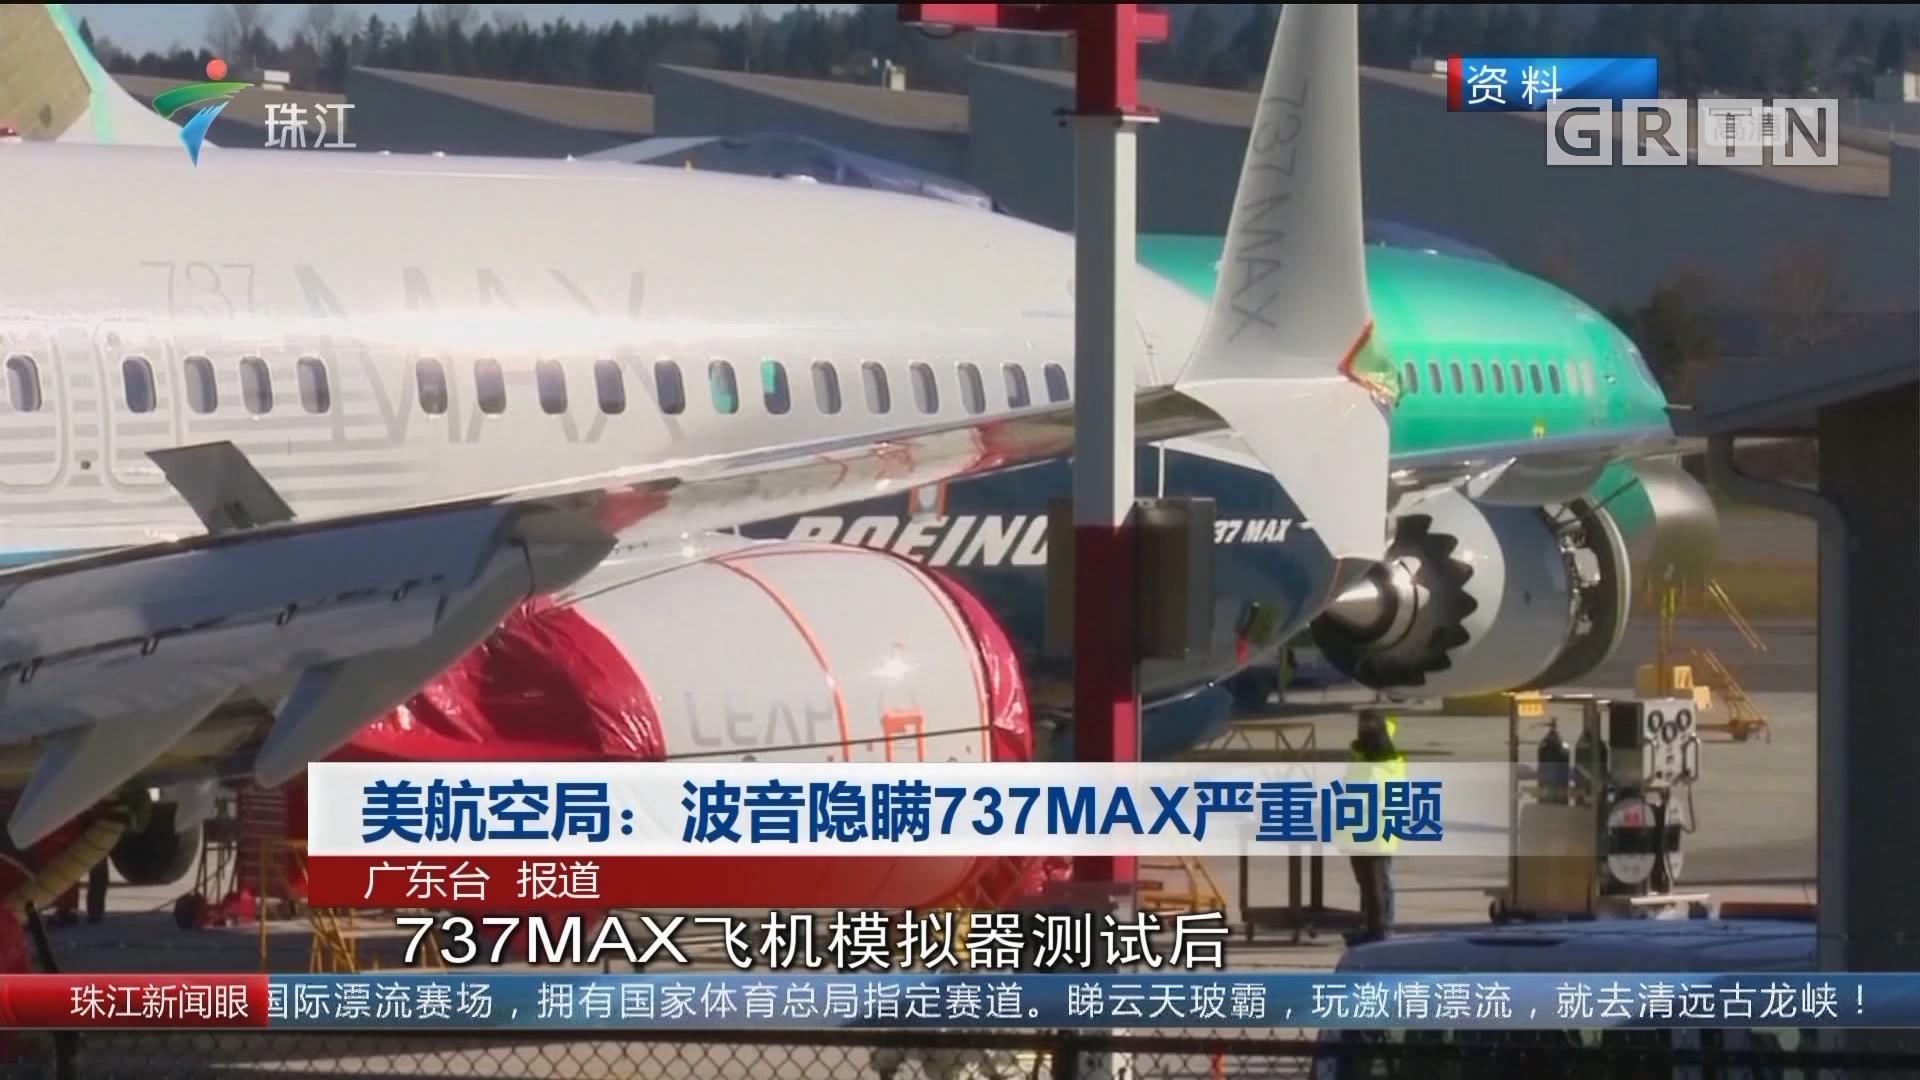 美航空局:波音隐瞒737MAX严重问题